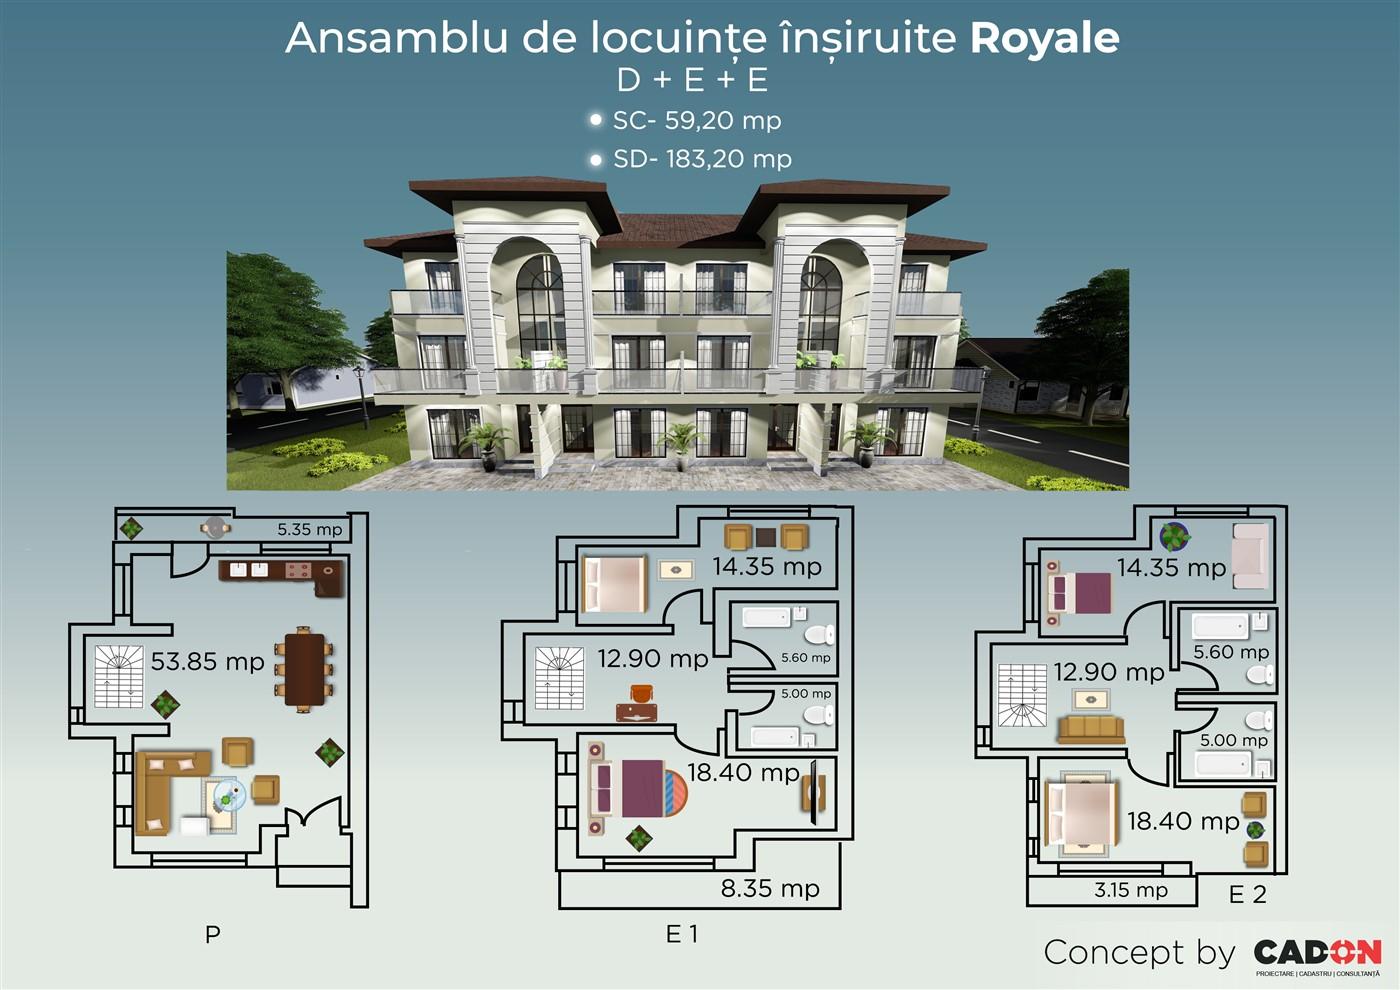 locuinte insiruite Royale, proiect locuinta, ansamblu locuinte, parter si doua etaje, locuinta incapatoare, Cad-on.ro